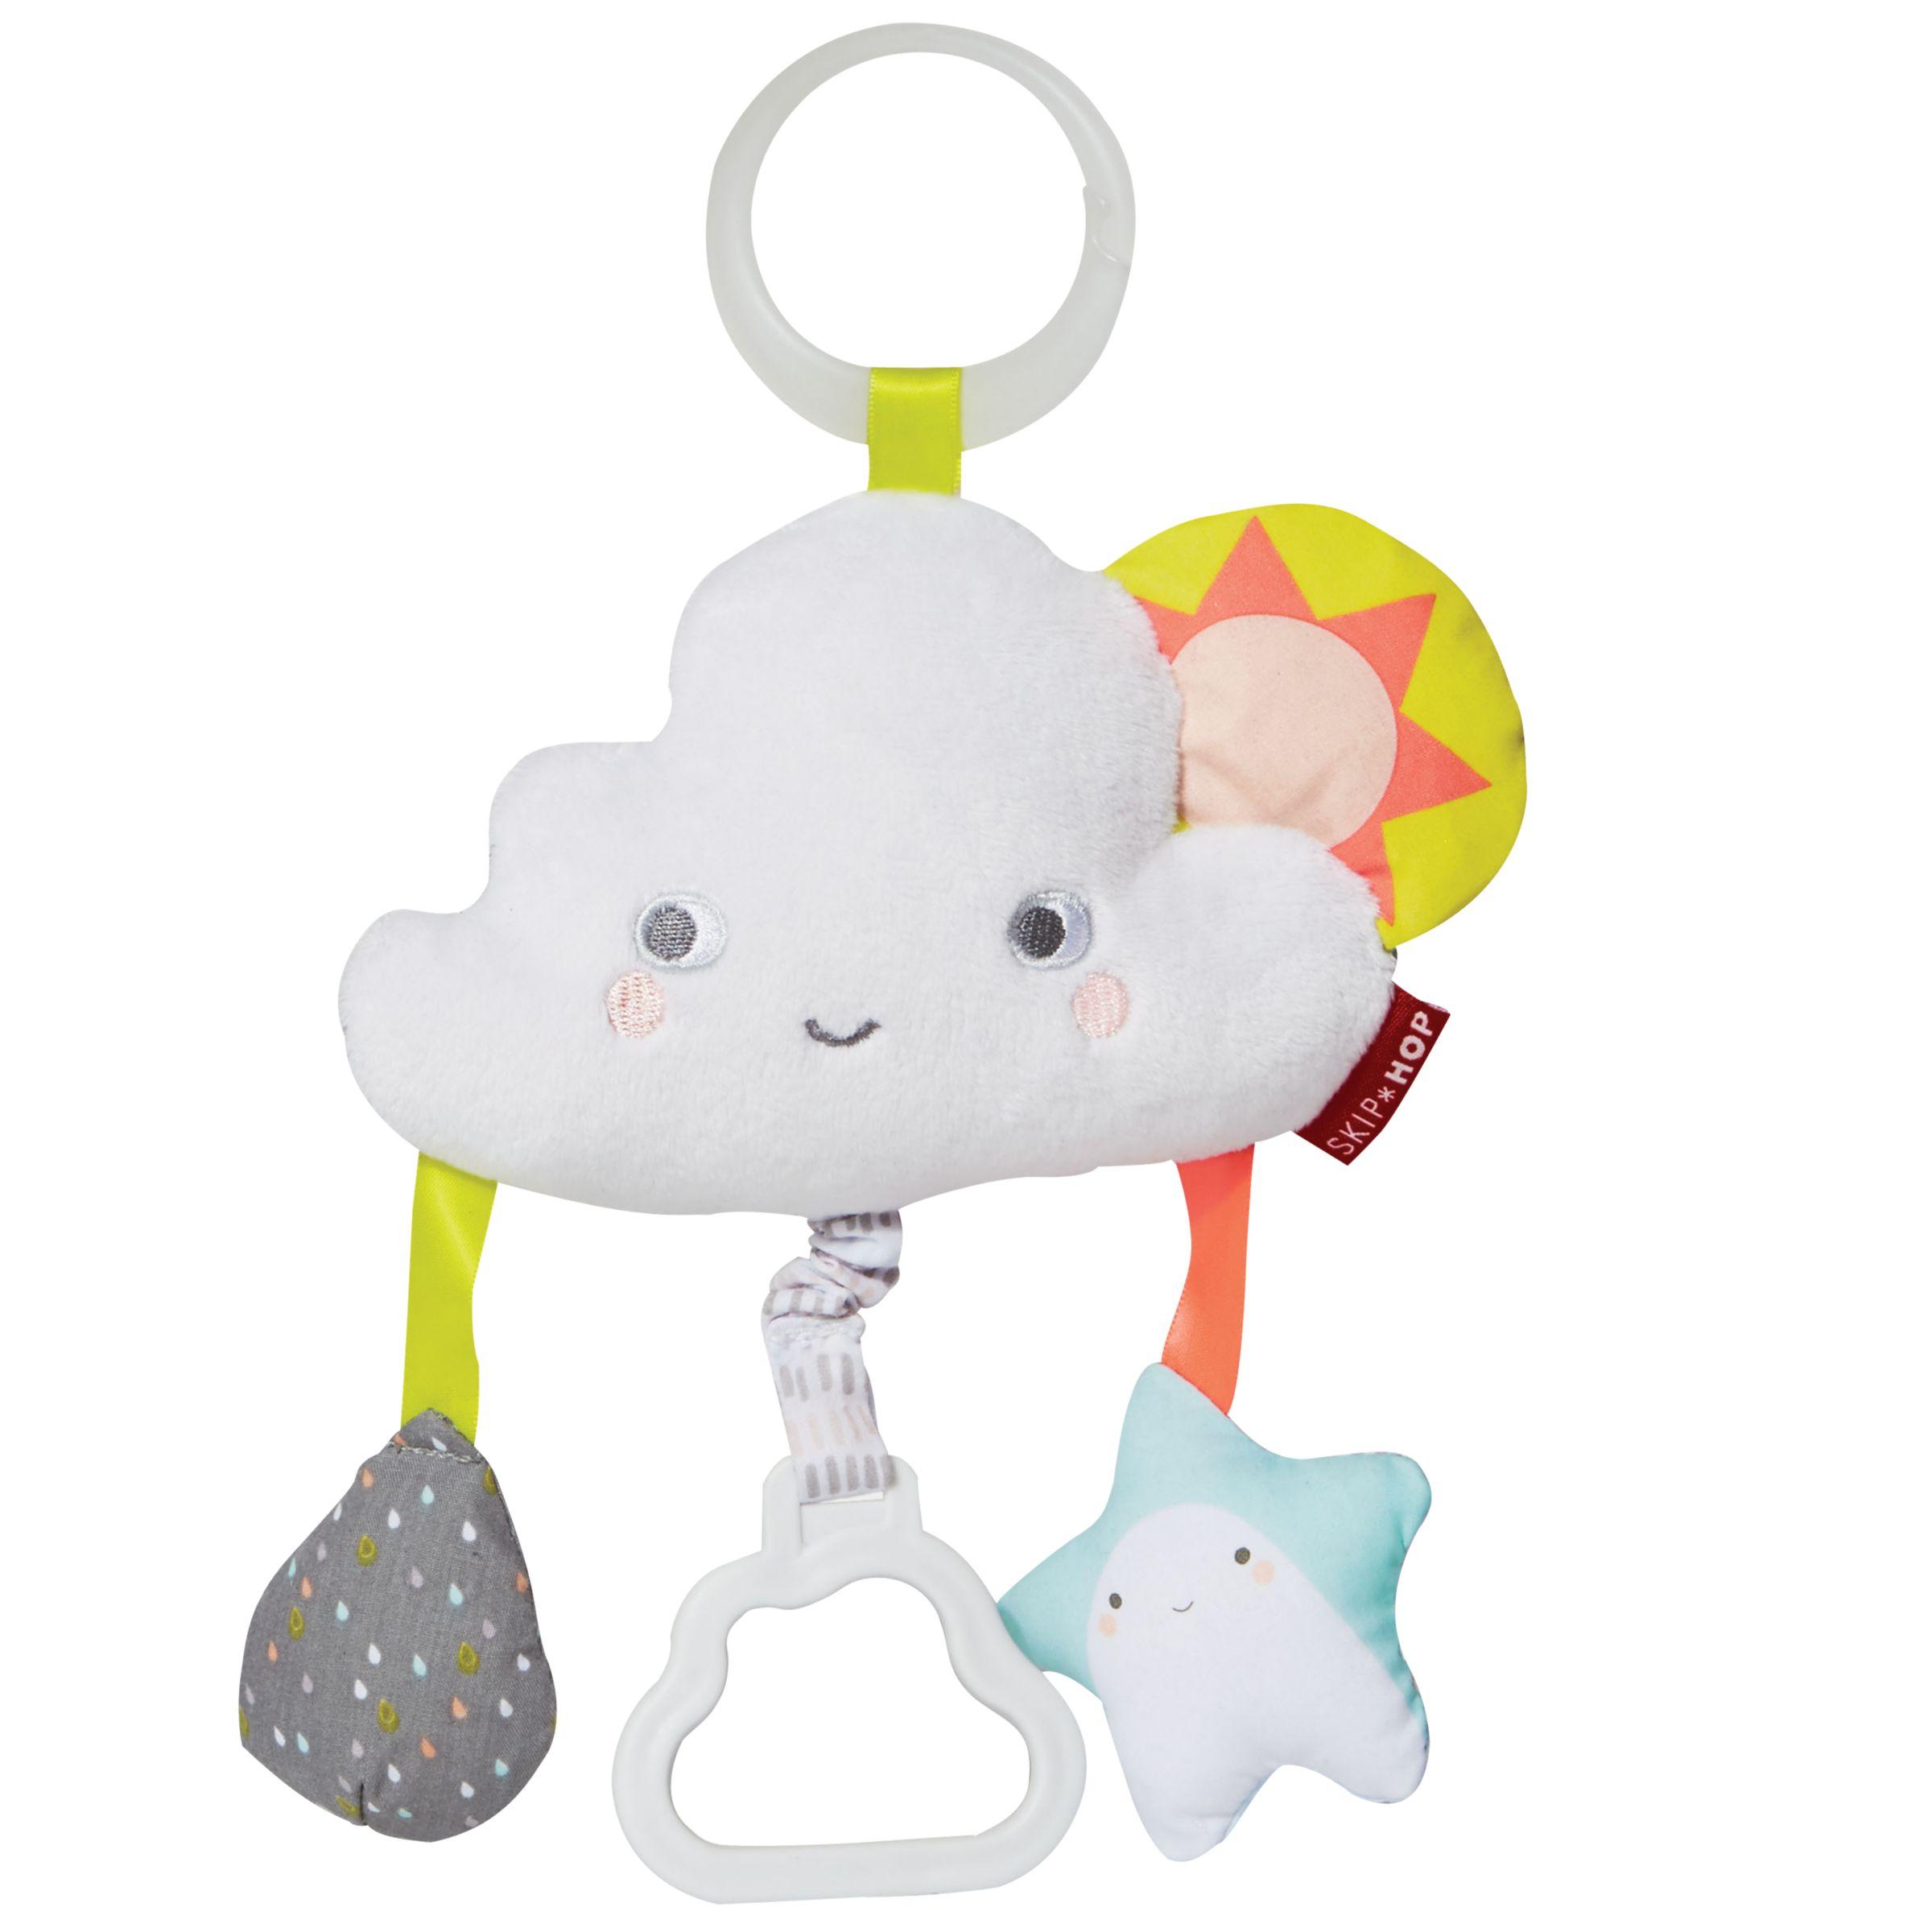 Skip Hop Skip Hop Cloud Stroller Toy